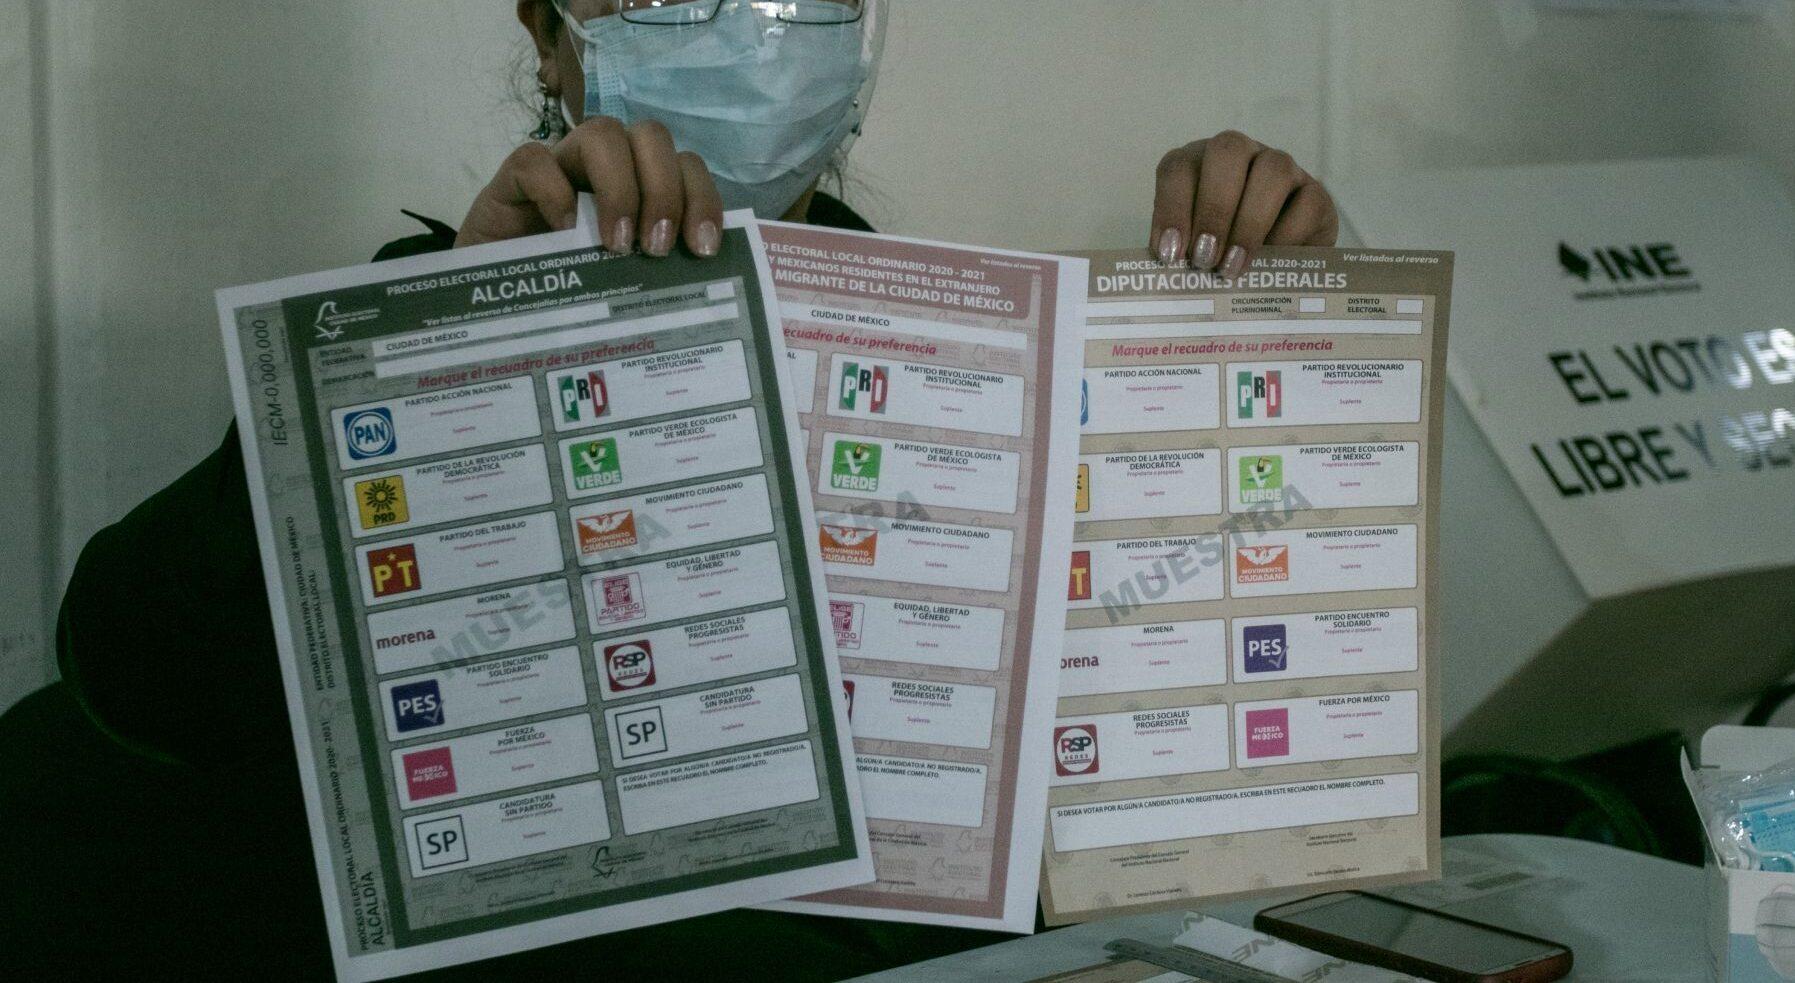 Estos son los candidatos a diputados en la alcaldía Benito Juárez en las elecciones 2021